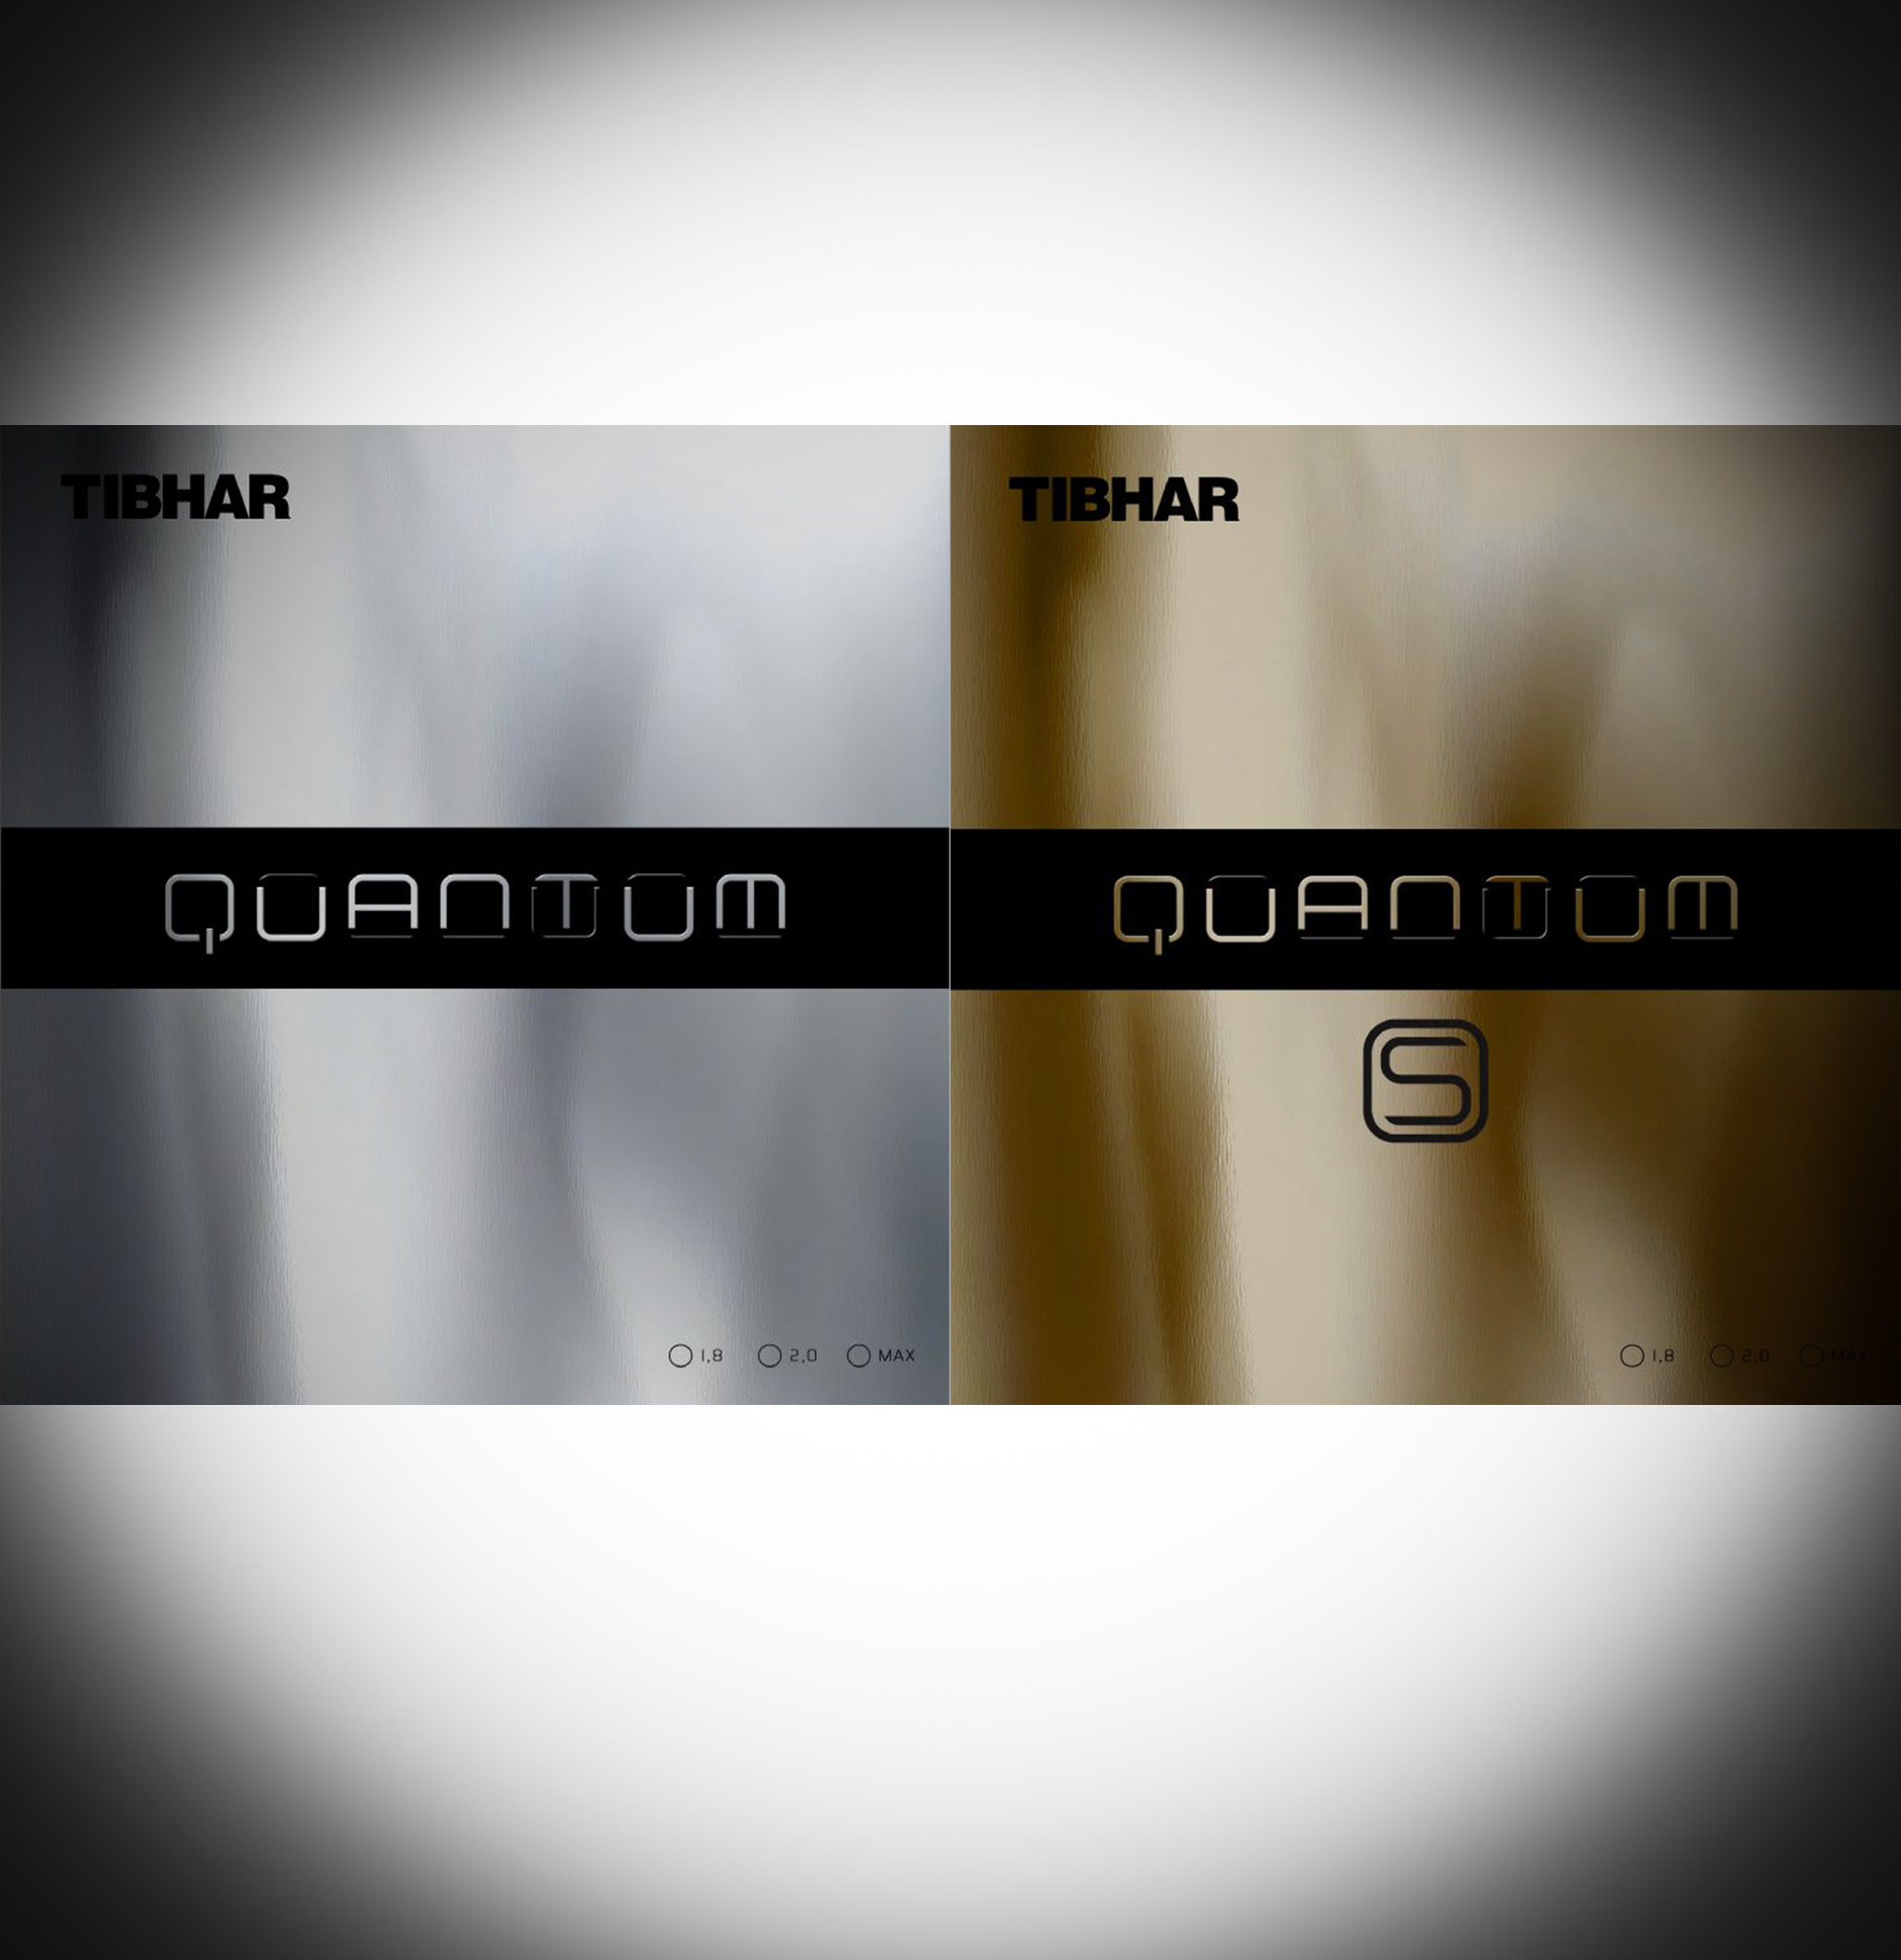 tibhar-quantum-oder-quantum-s-2er-belag-sparset